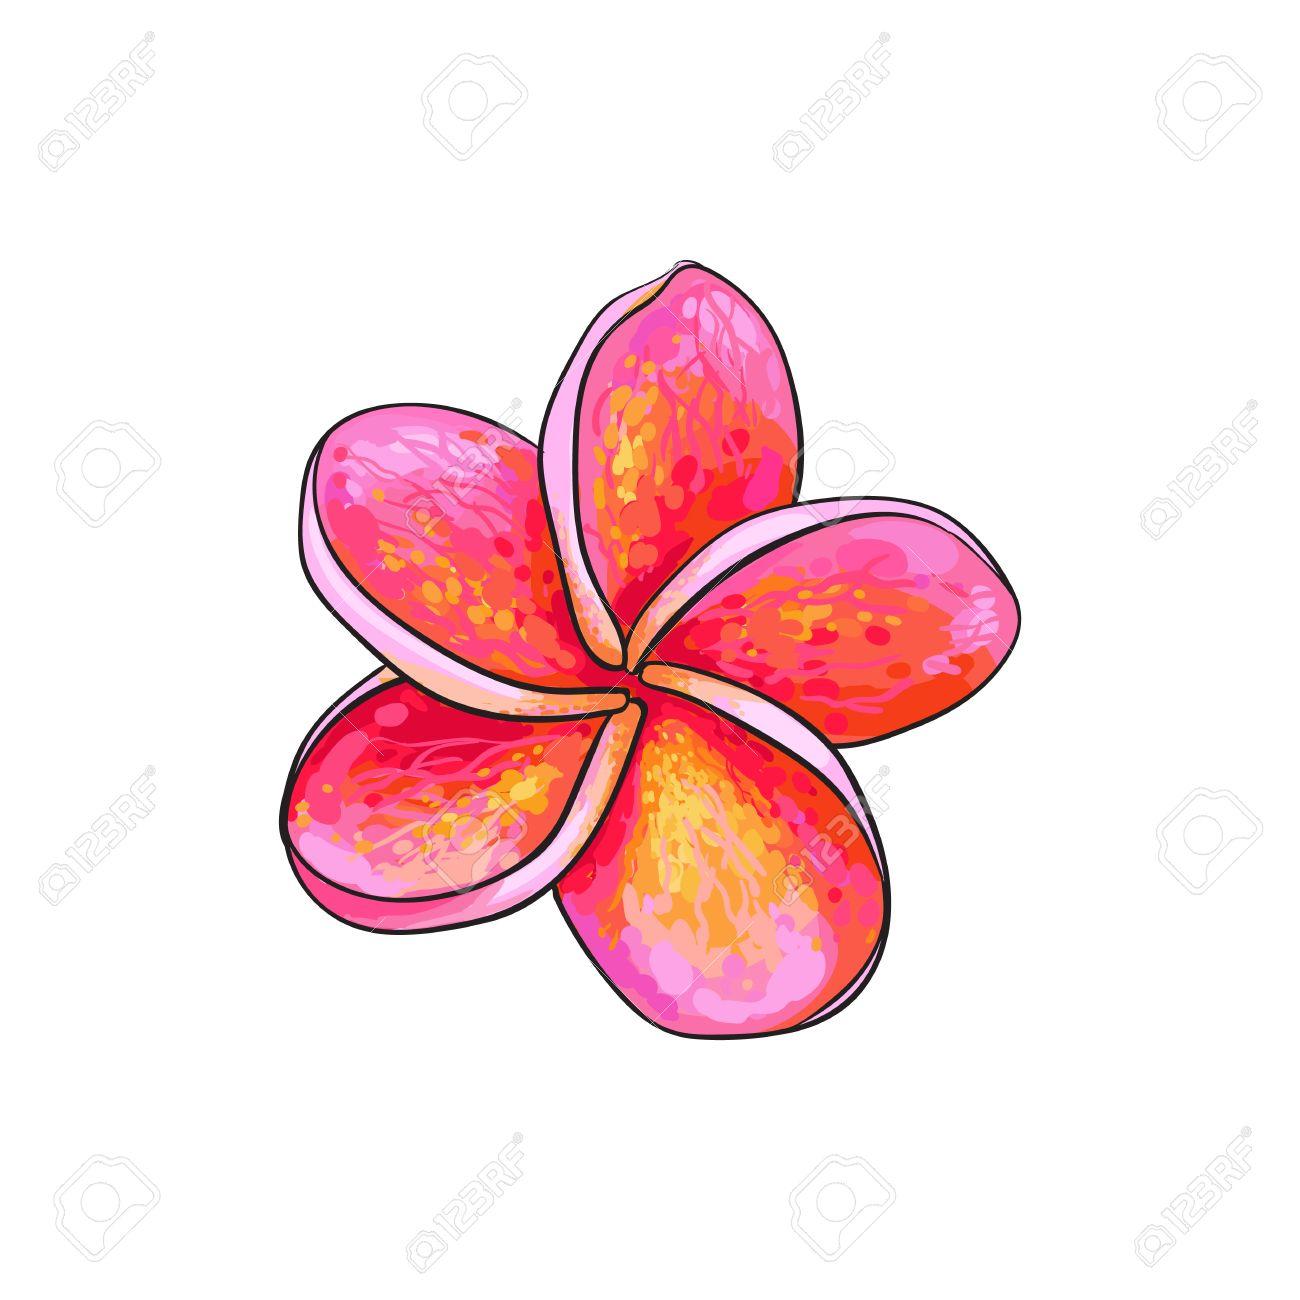 Banque d\u0027images , Plumeria unique rose, fleur tropicale frangipanier,  croquis style vecteur illustration isolé sur fond blanc. dessin à la main  réaliste